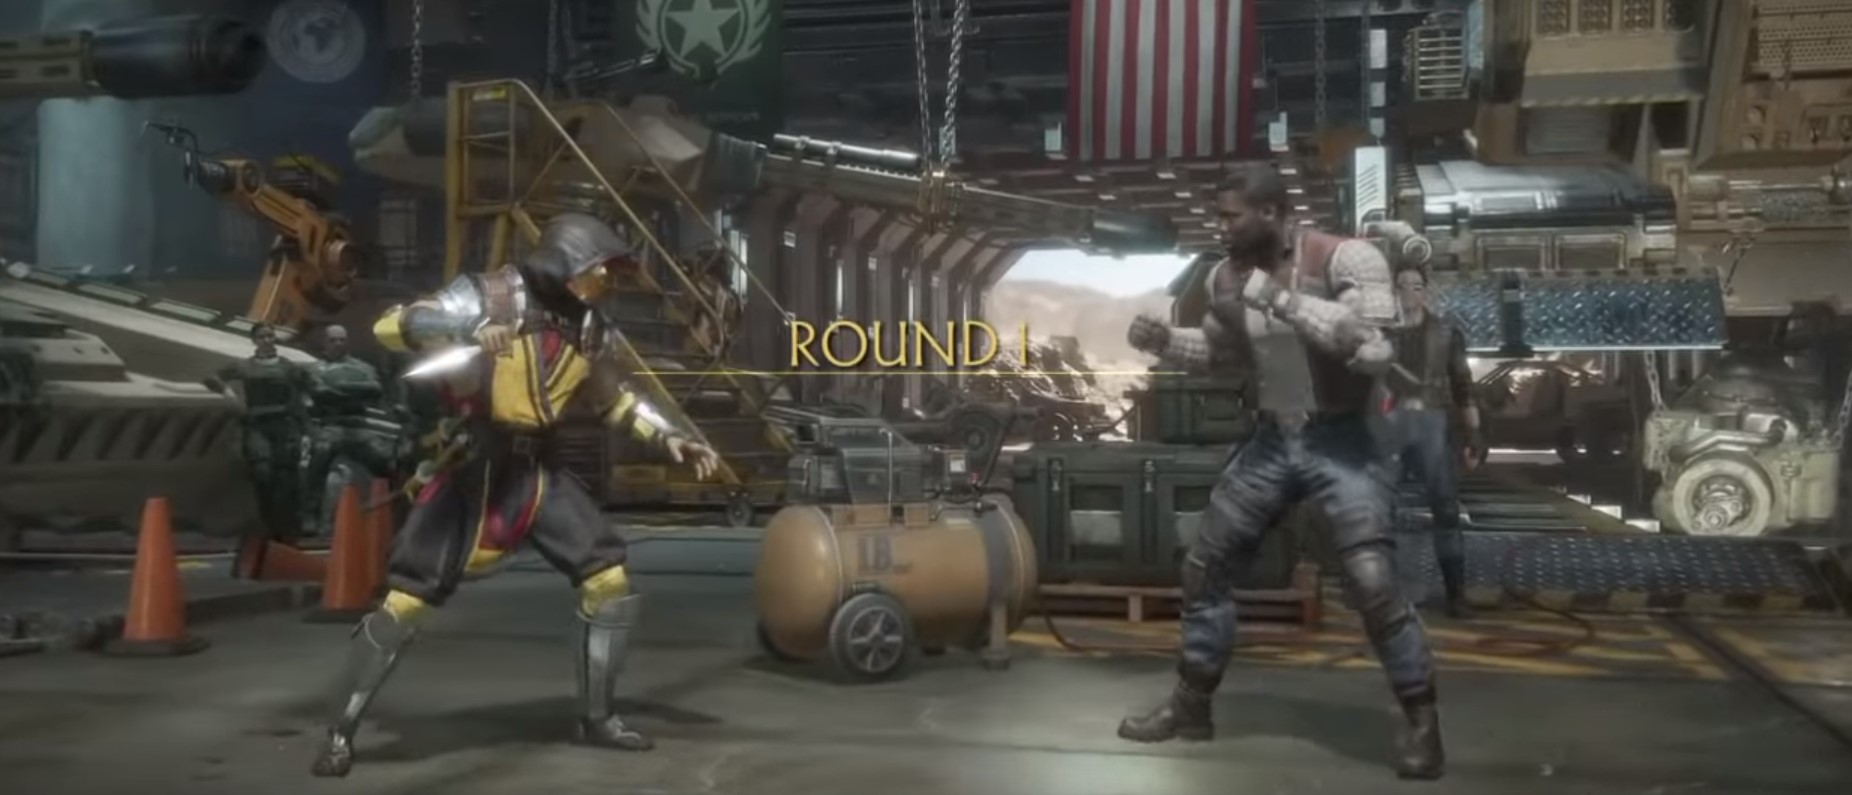 Esto te va a pasar cuando decidas abandonar una partida en Mortal Kombat 11